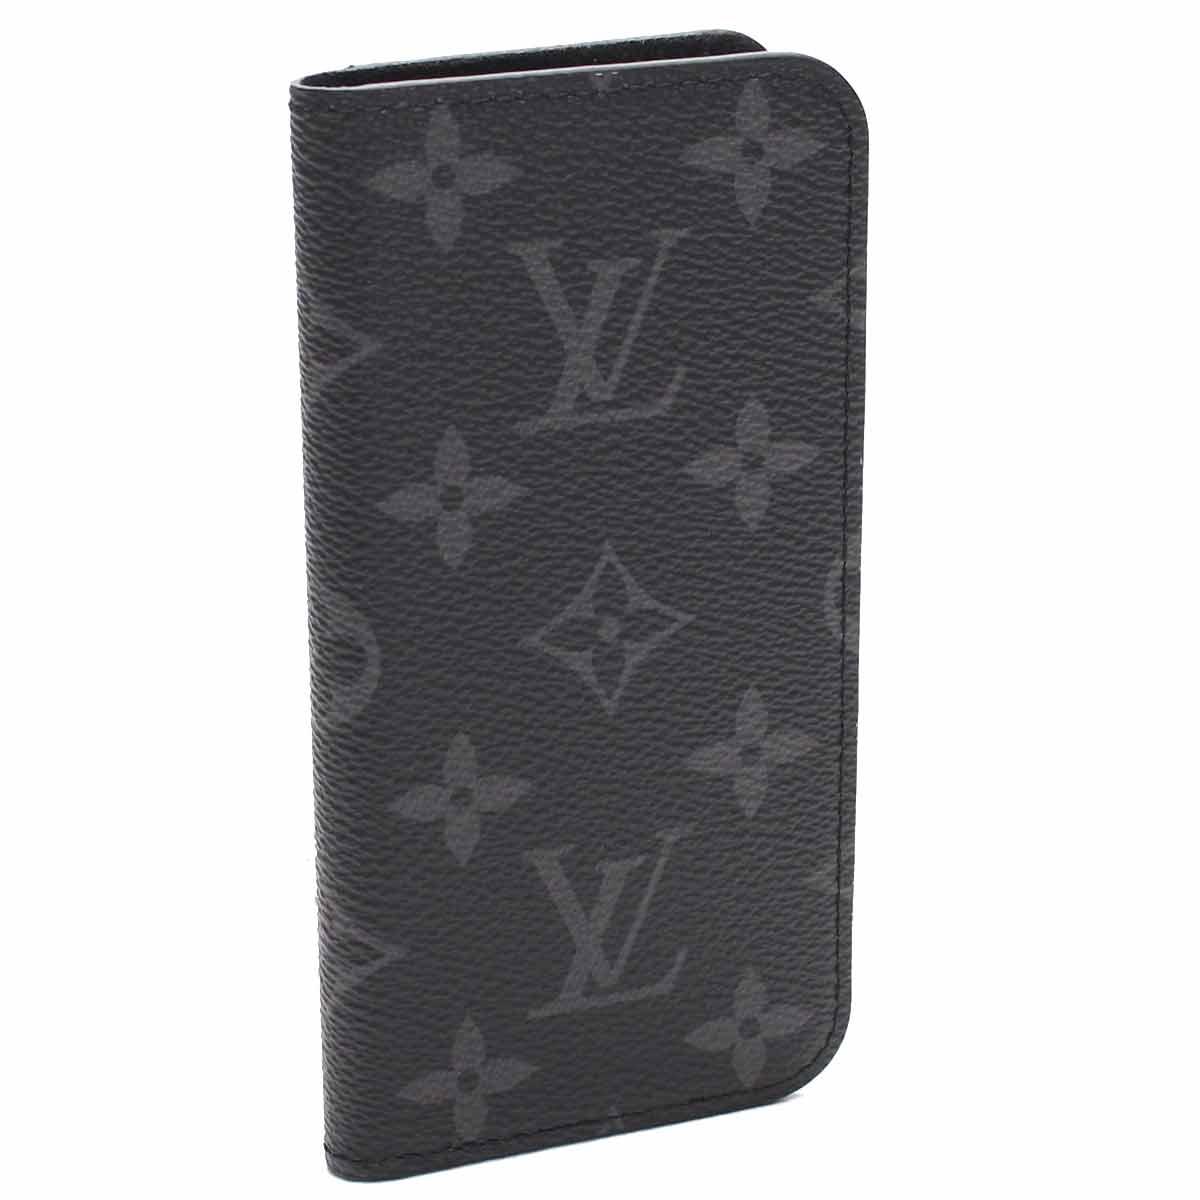 ルイ・ヴィトン (LOUIS VUITTON) 2つ折り iphoneケース IPHONE7・フォリオ M62640 モノグラム・エクリプス グレー系 メンズ